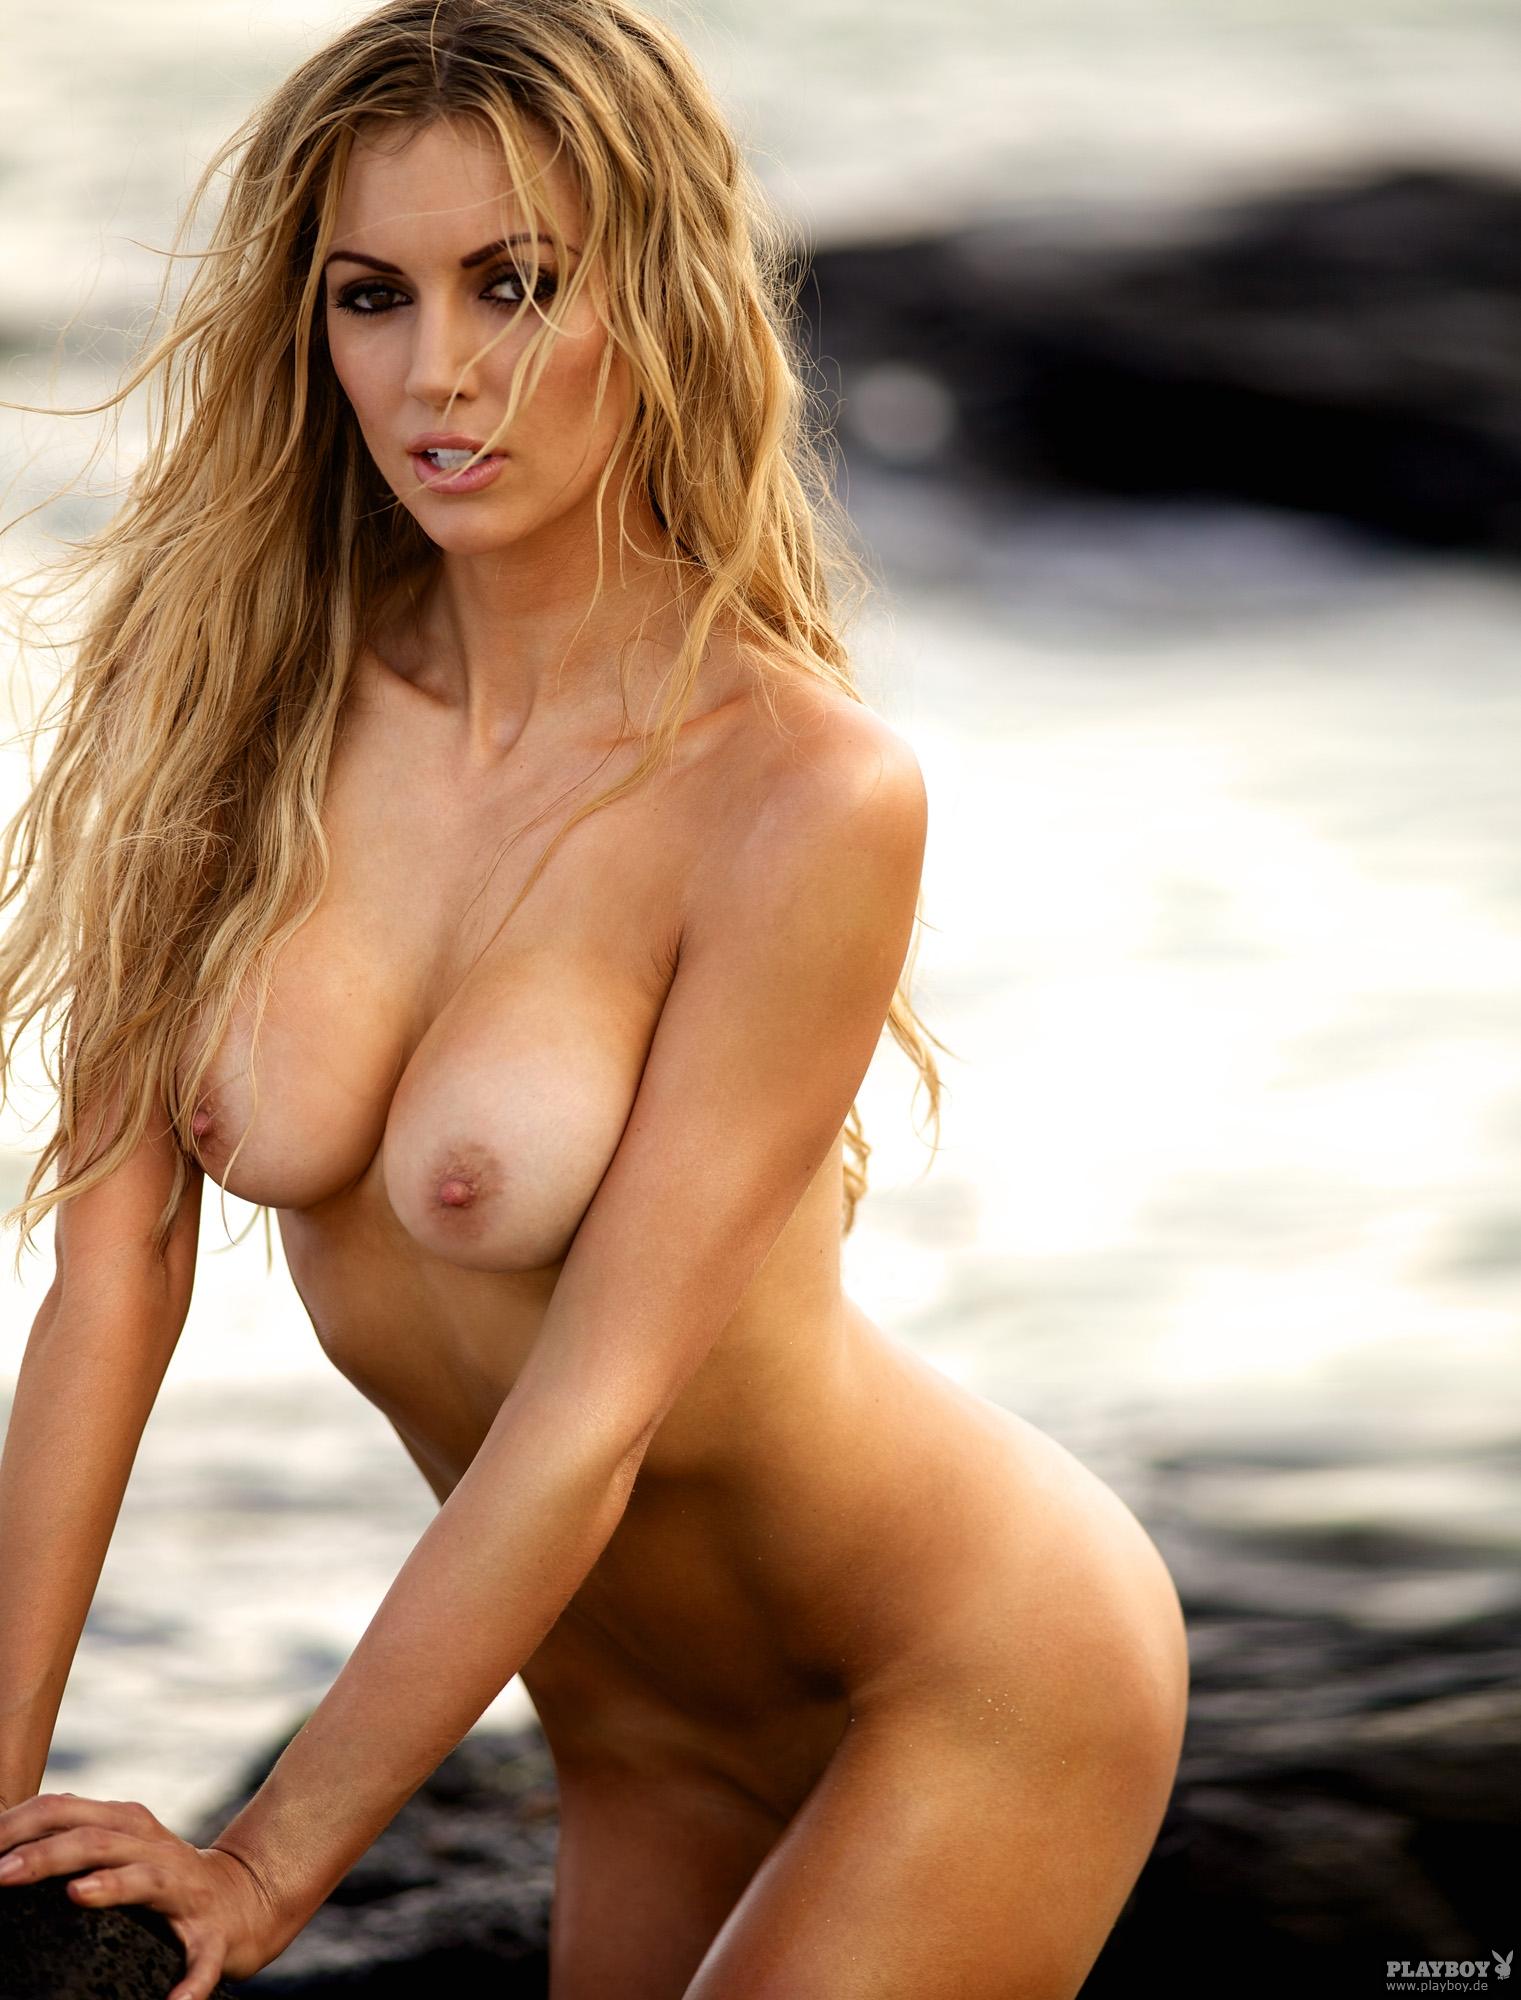 62423_RossanaDavison_PlayboyDEOktober201202_122_367lo.jpg